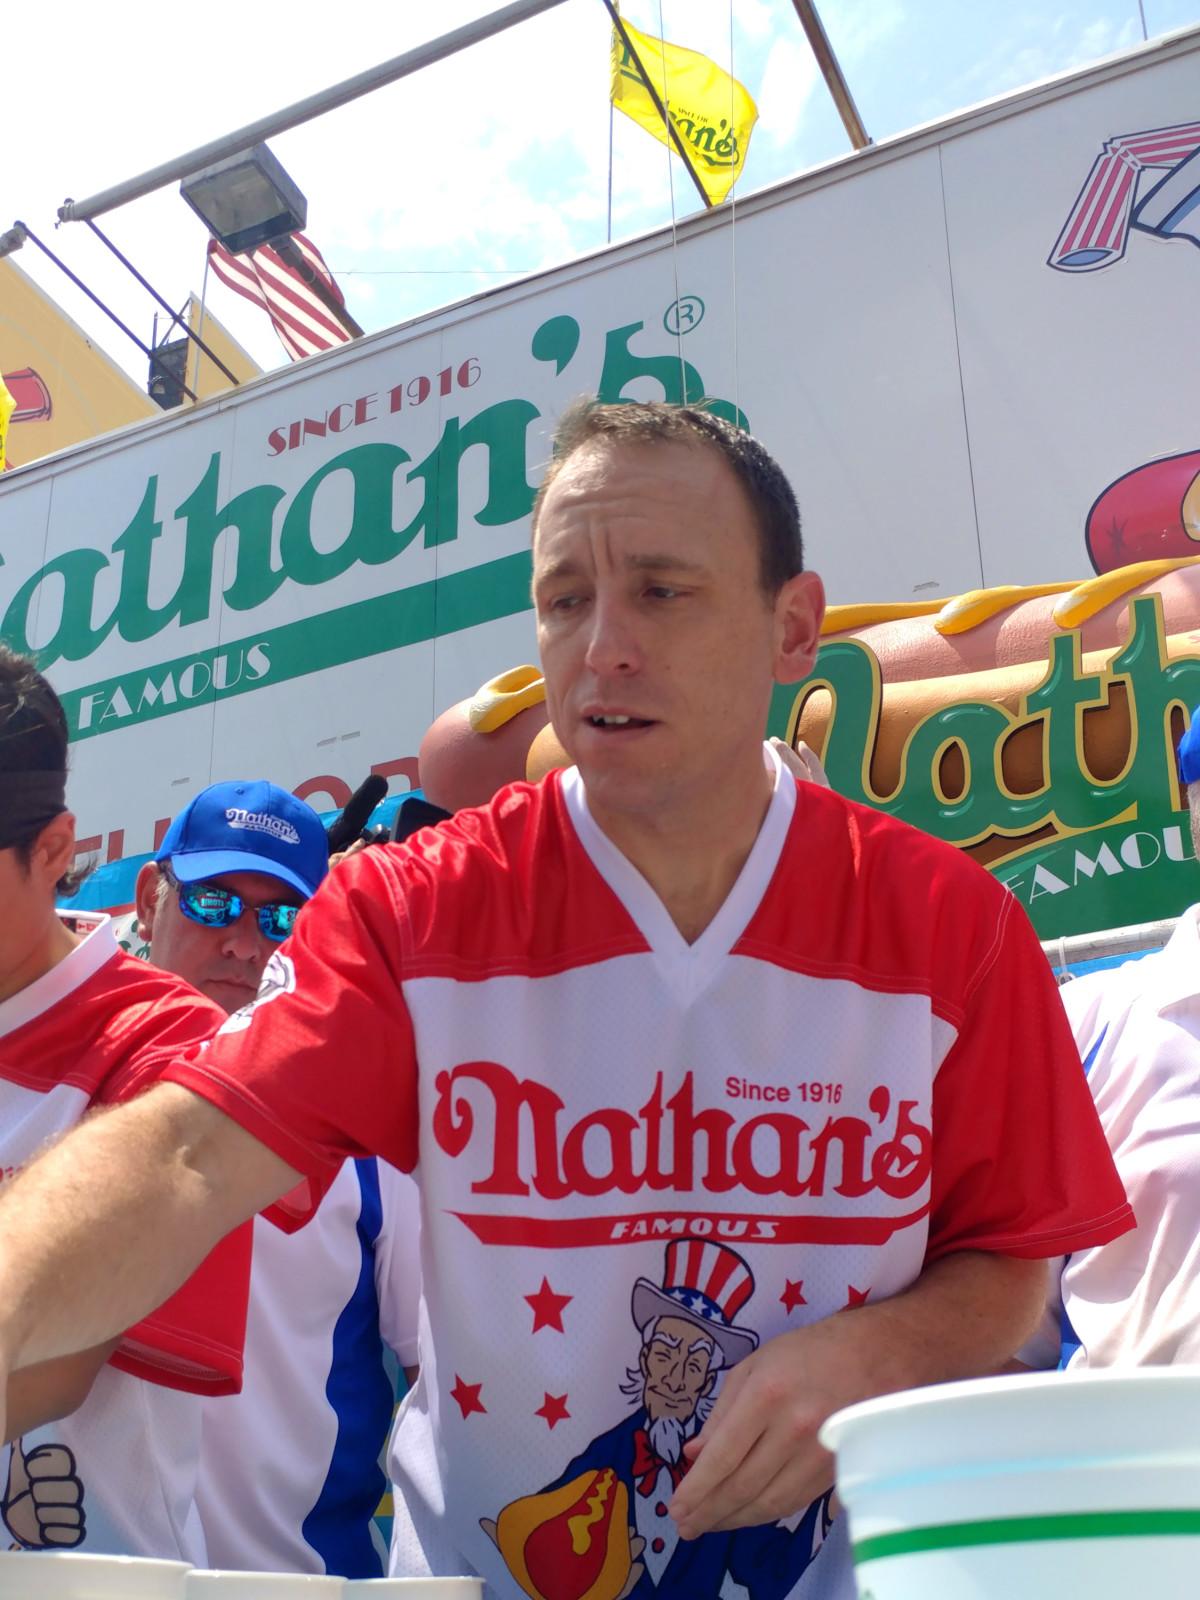 Ken Hoffman S Scoop On Hot Dog King Joey Chestnut S New